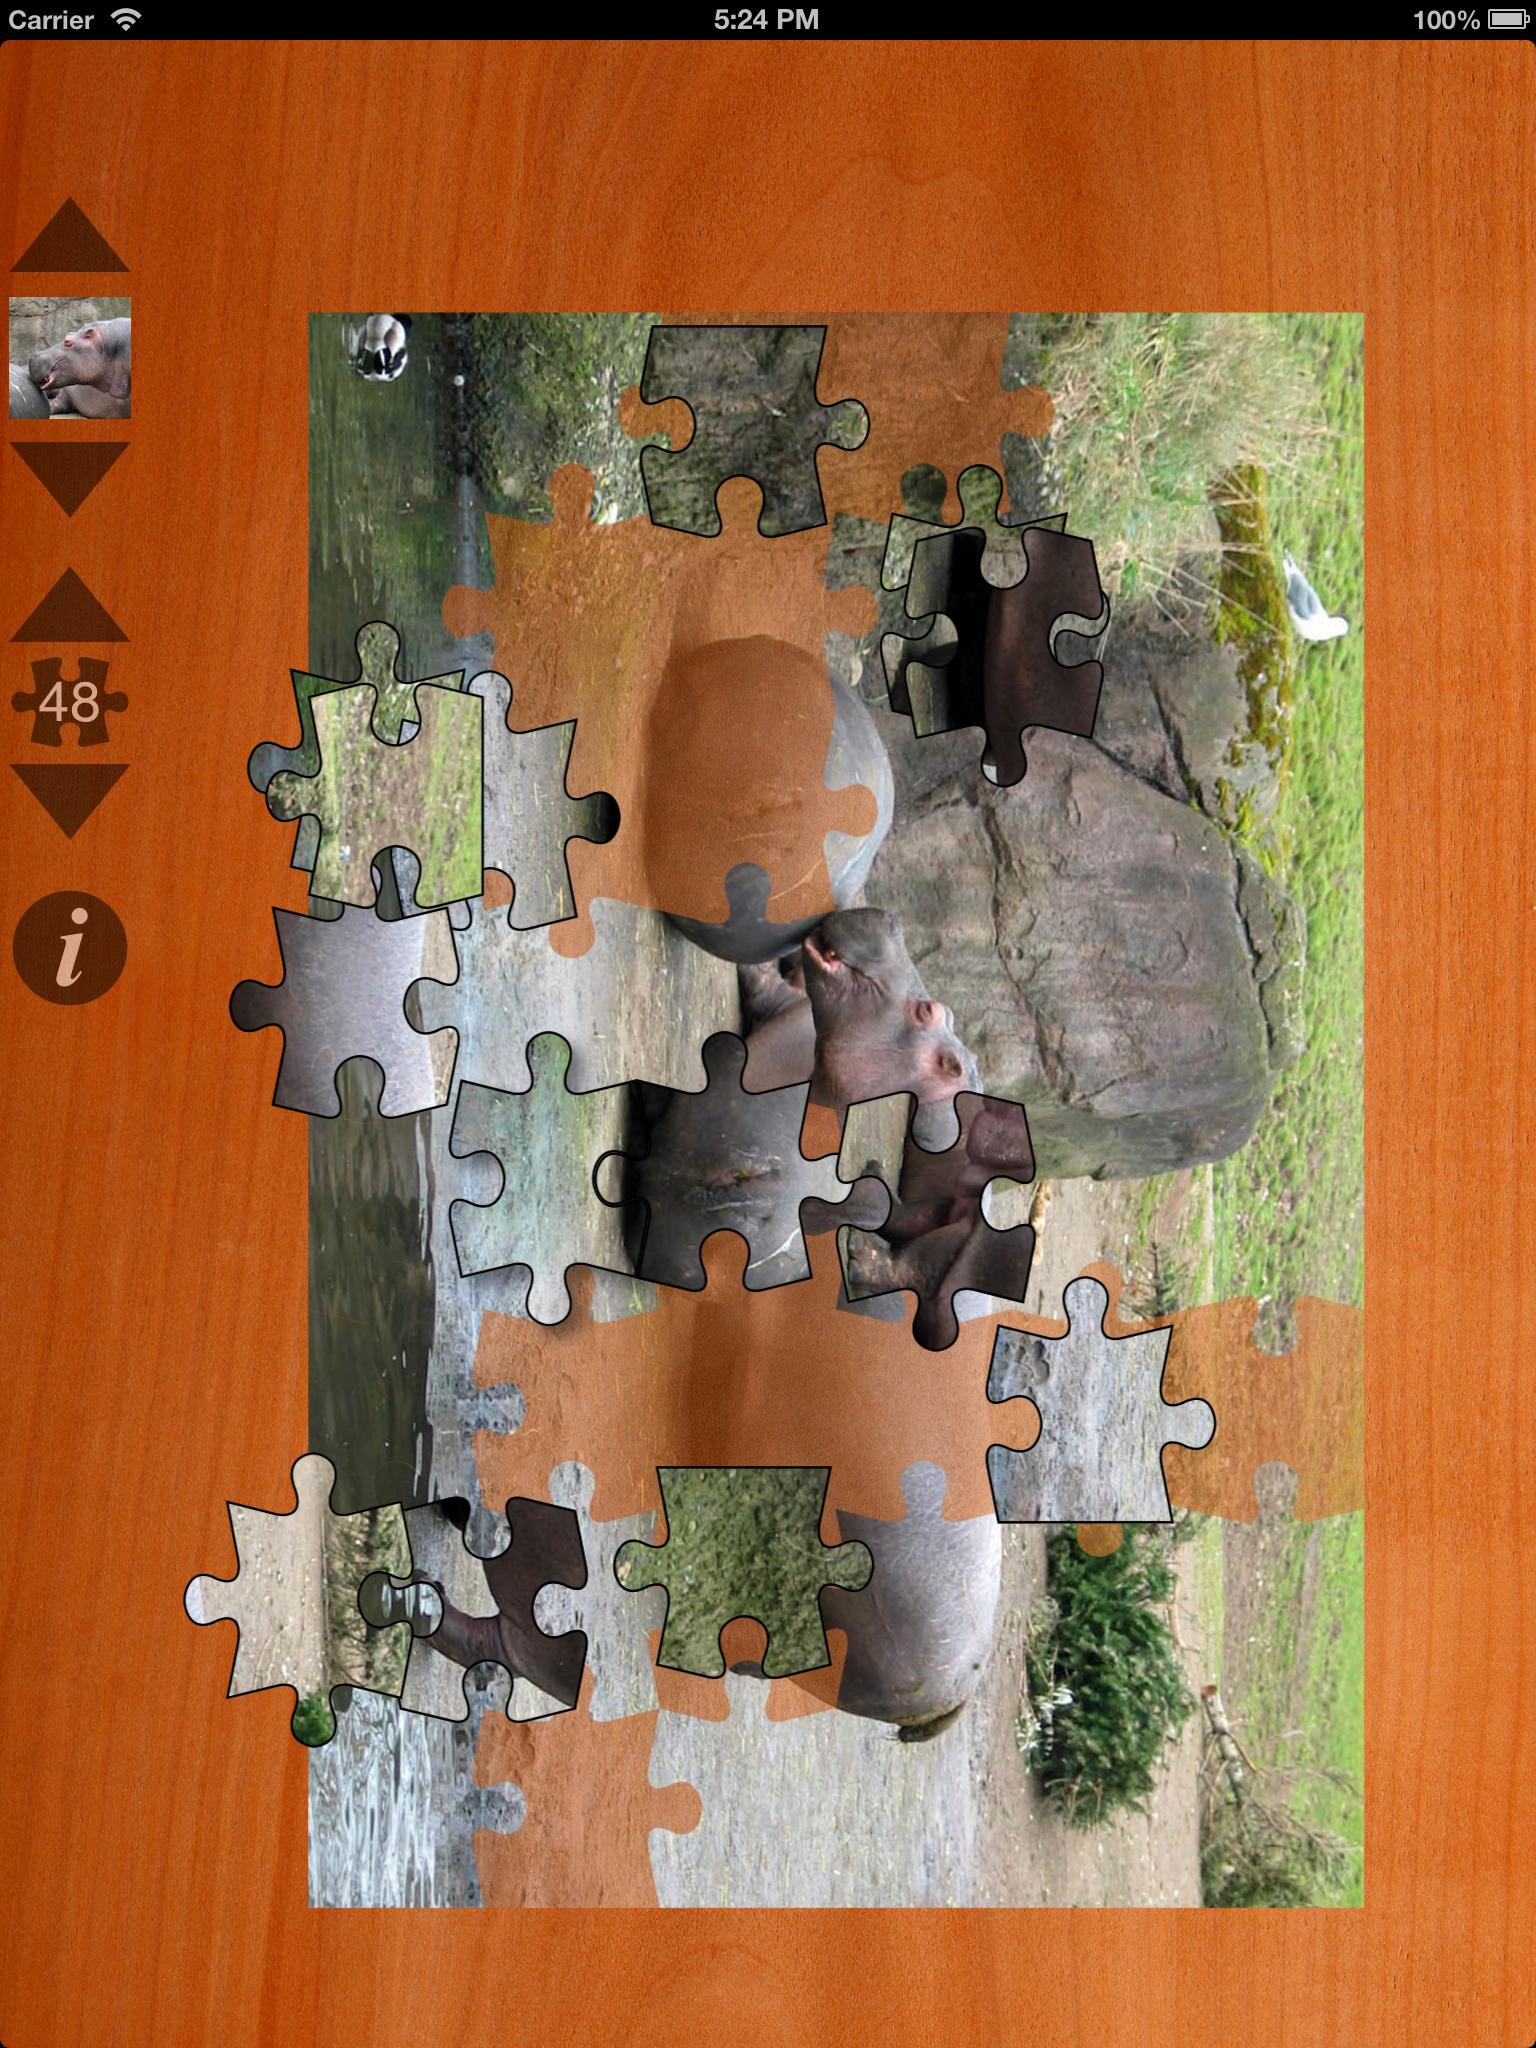 iOS Simulator Screen shot Jan 25, 2013 5.24.44 PM.png